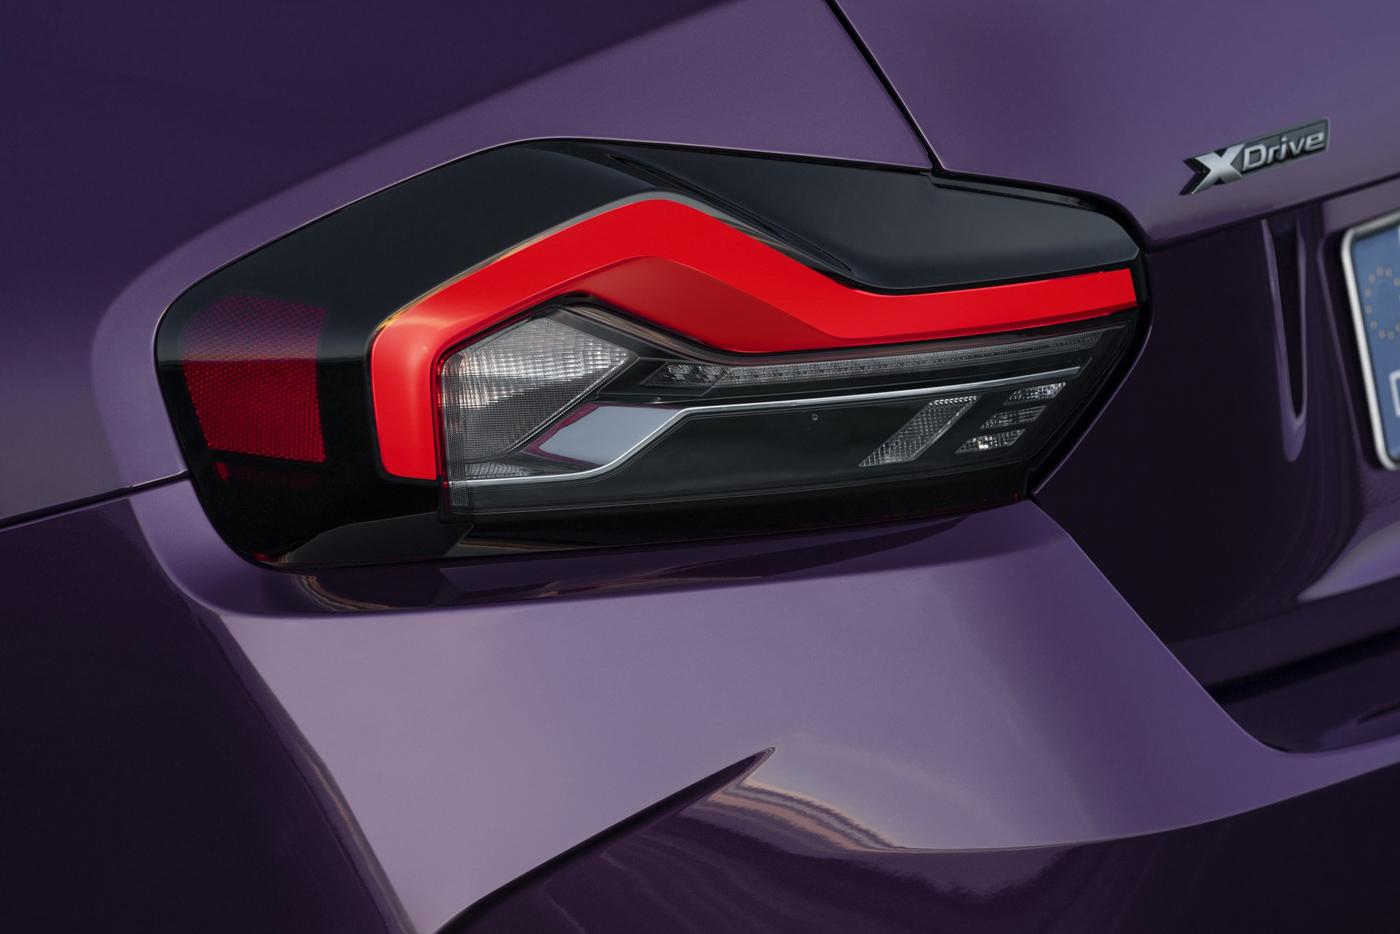 BMW-2-series-2022-ra-mắt-với-giá-bán-từ-36350-usd-19.jpg